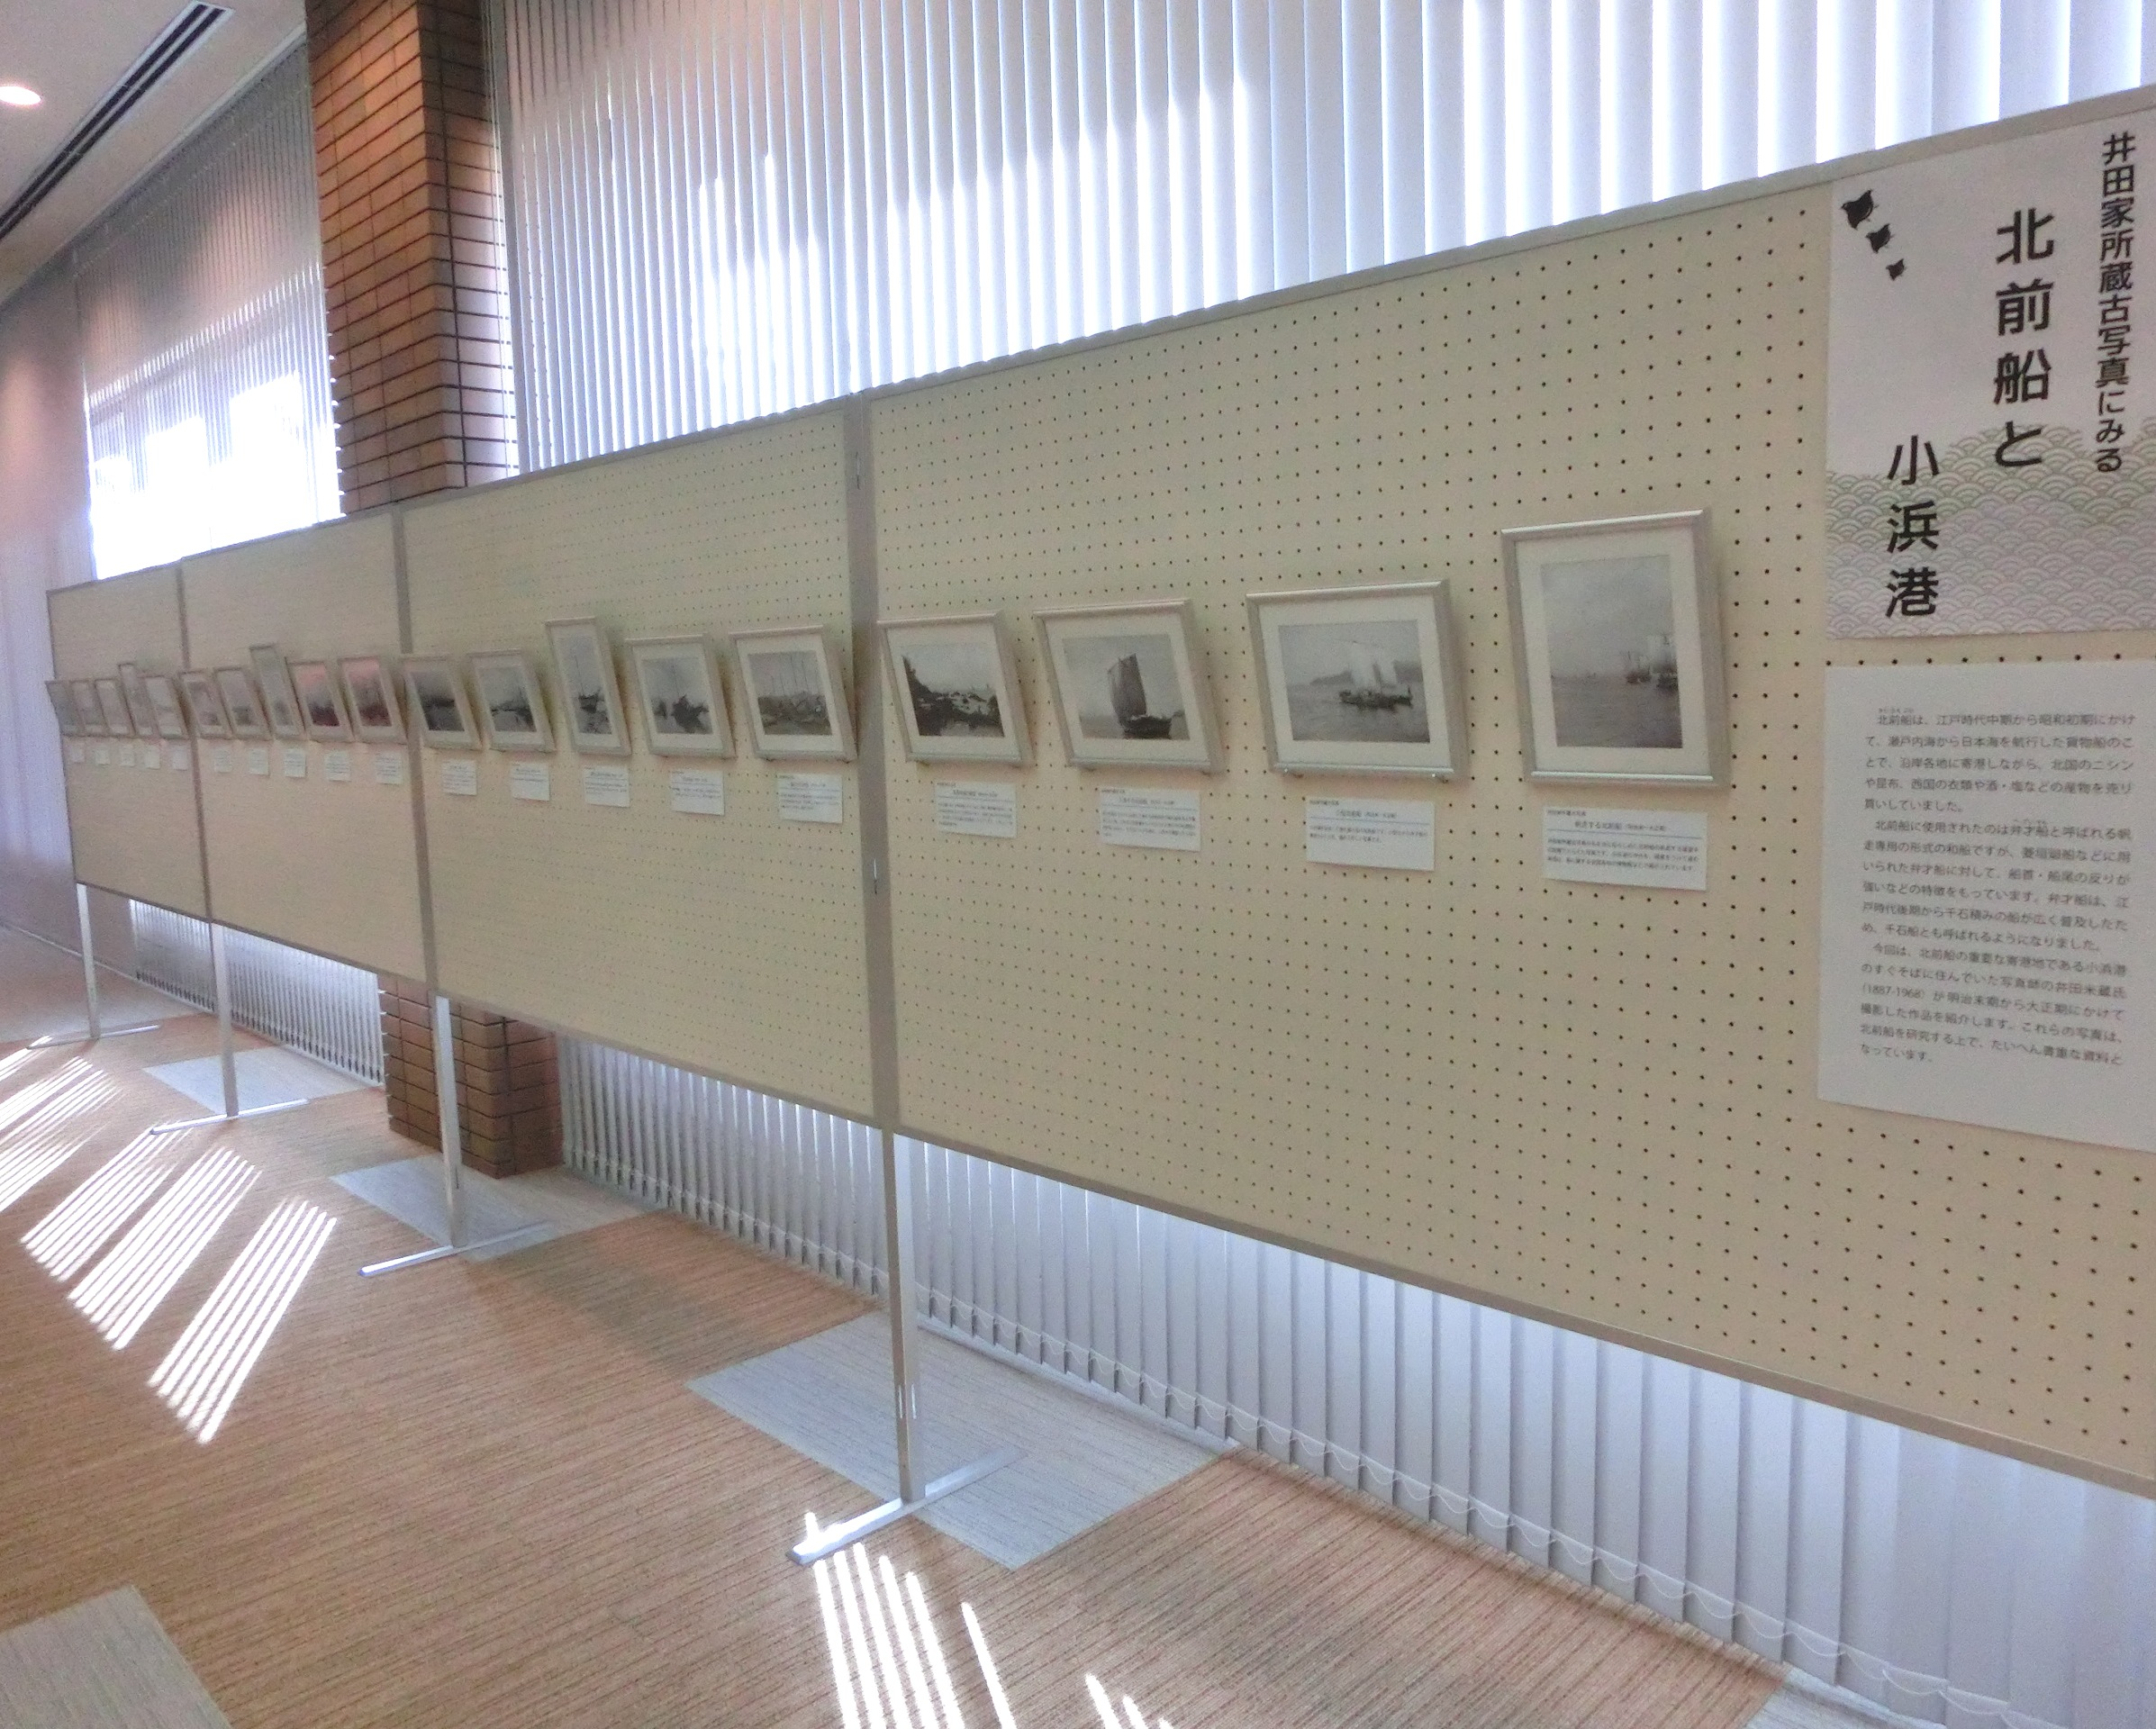 エントランス展示「井田家所蔵古写真にみる北前船と小浜港」